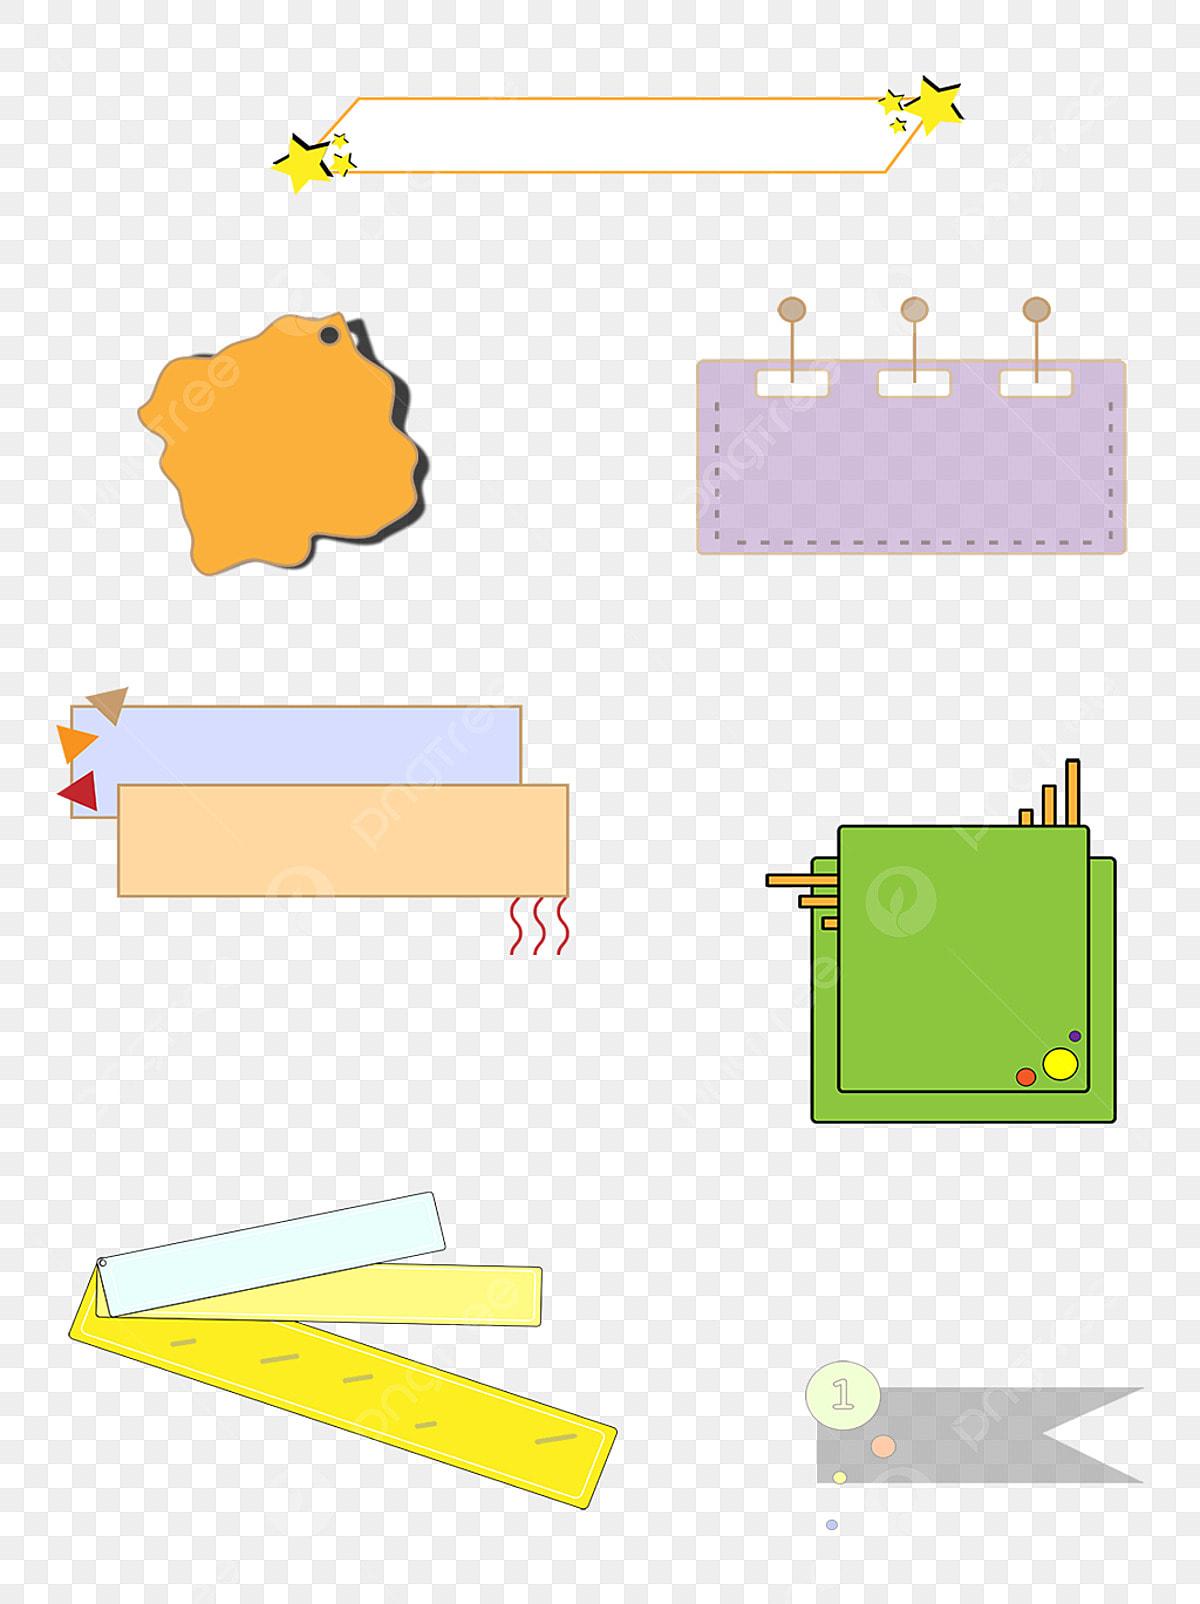 الحدود مربع صغير عنوان كبير مربع عنوان صغير الحدود صغيرة طازجة مربع العنوان الكبير Png والمتجهات للتحميل مجانا